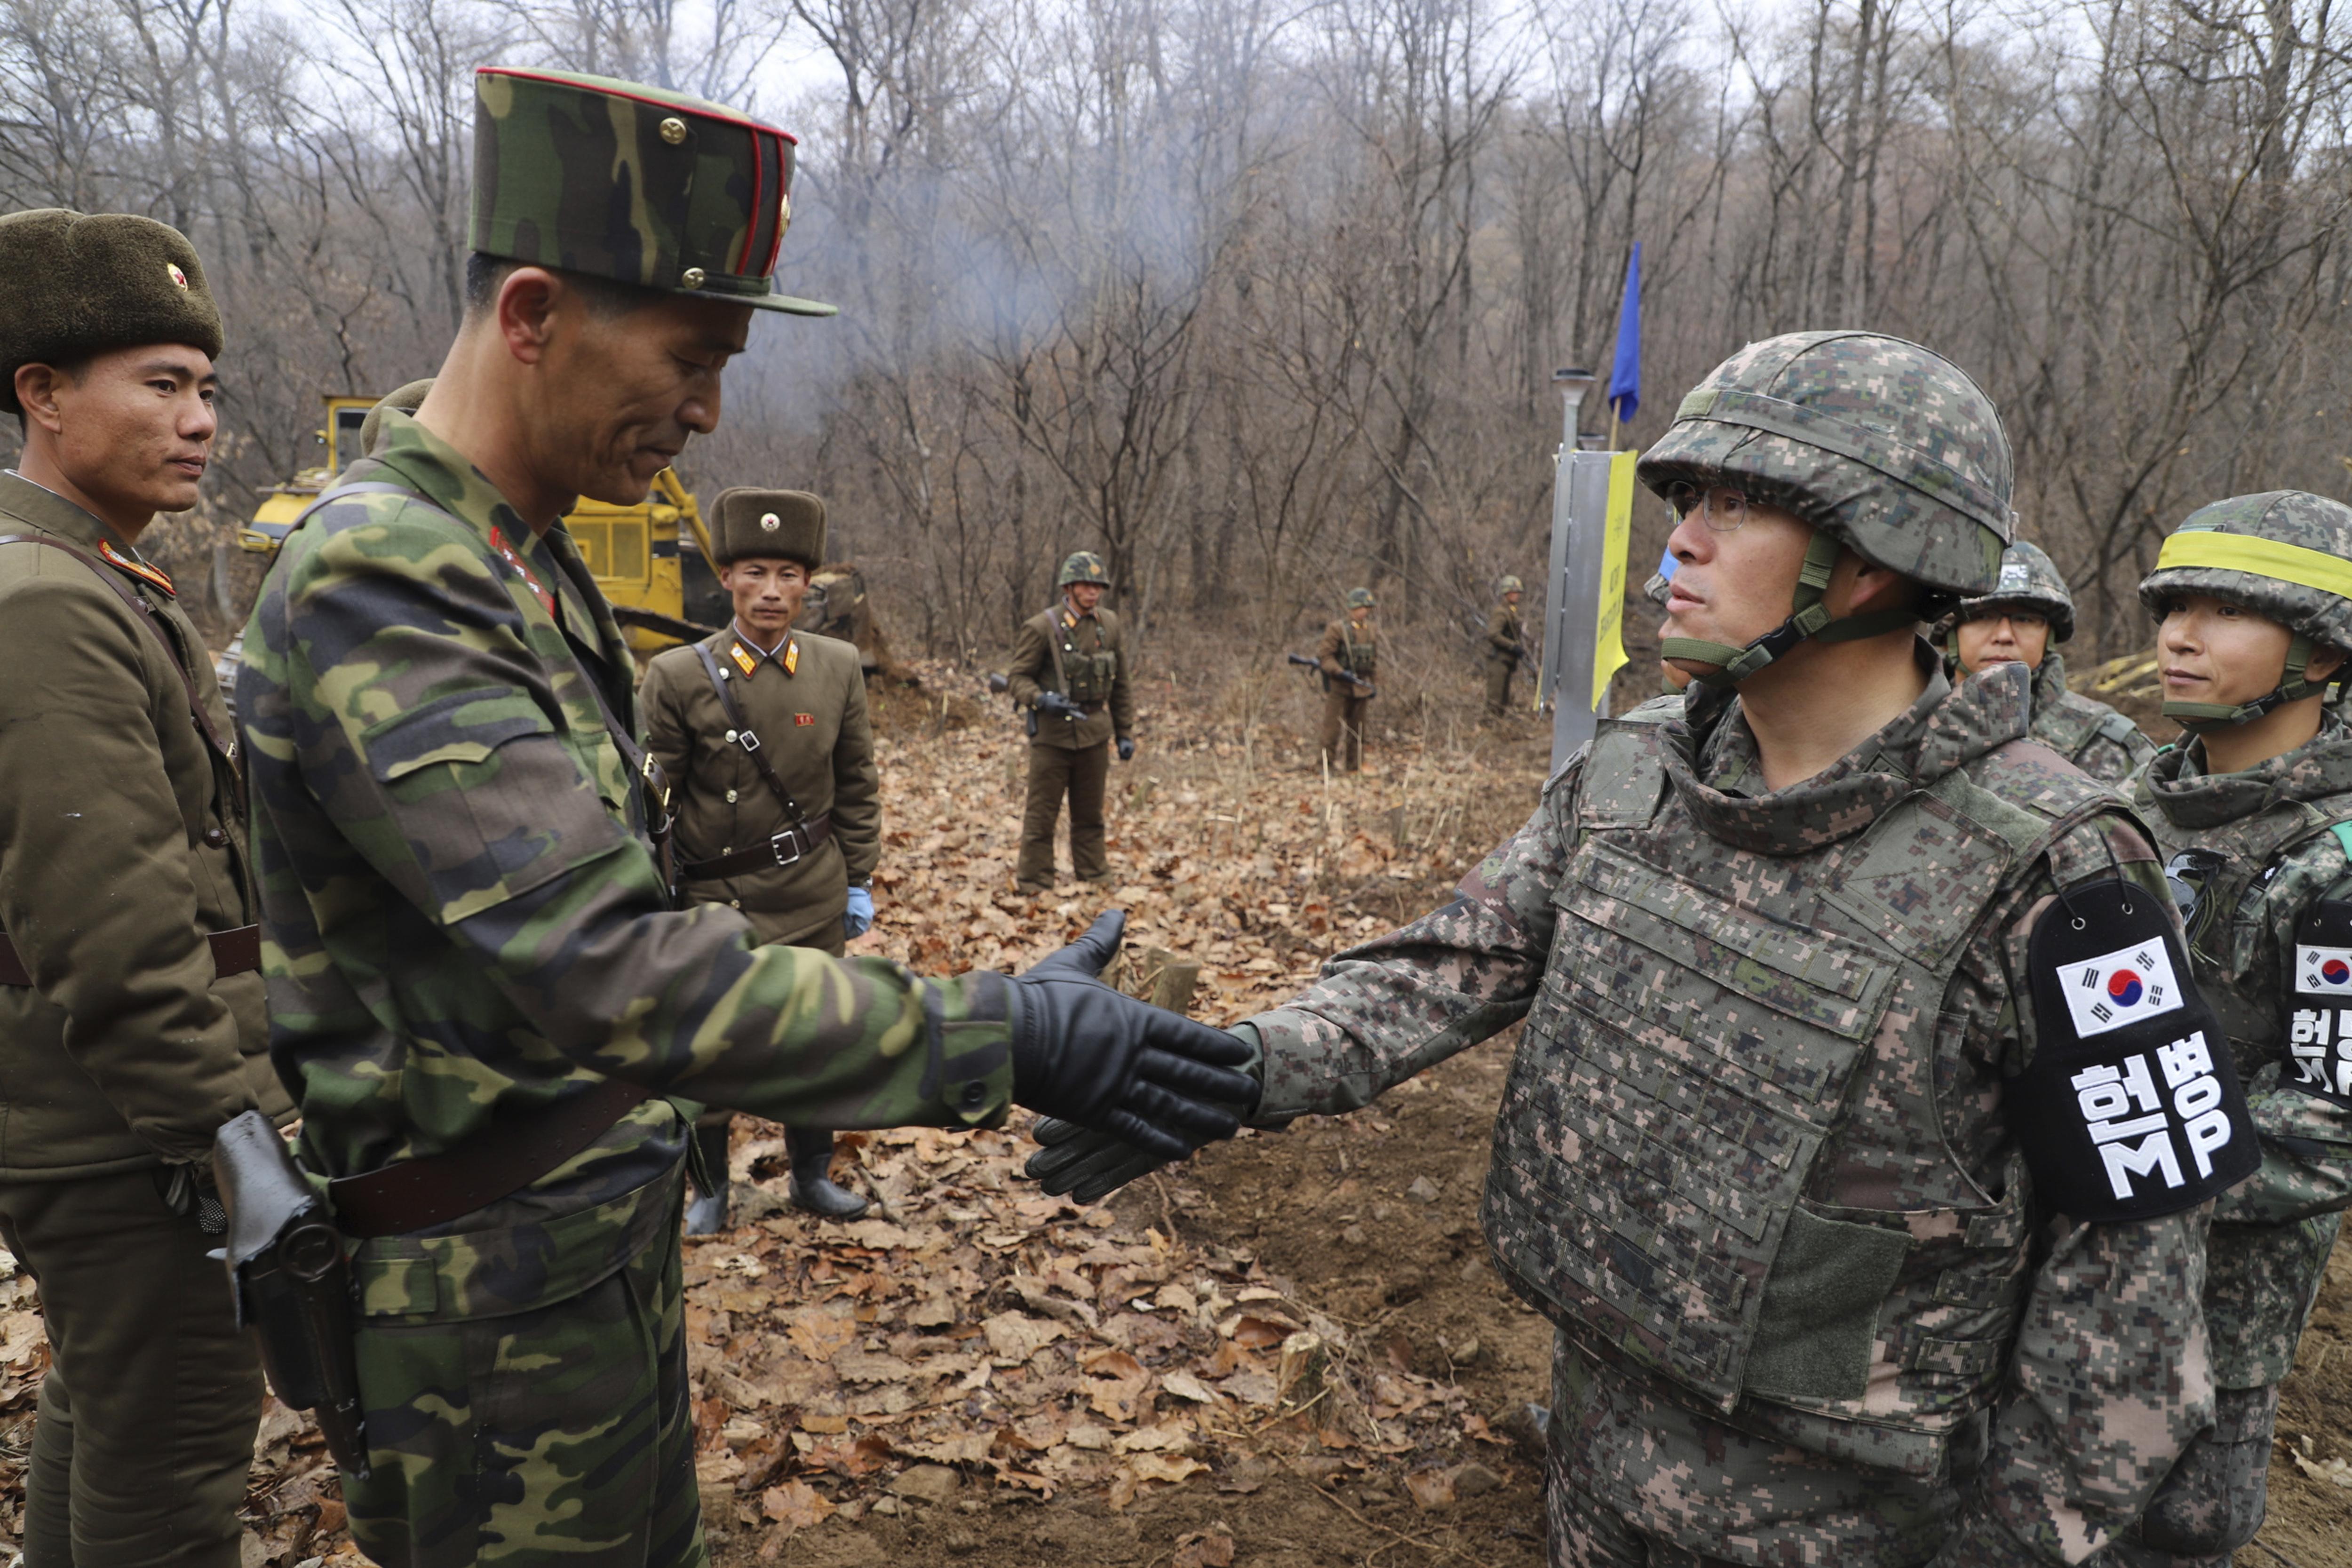 Tropas de Corea del Norte y Corea del Sur se encuentran en un punto de la zona desmilitarizada en la frontera entre ambos países, que se mantiene como foco de tensiones desde 1953 (AP)